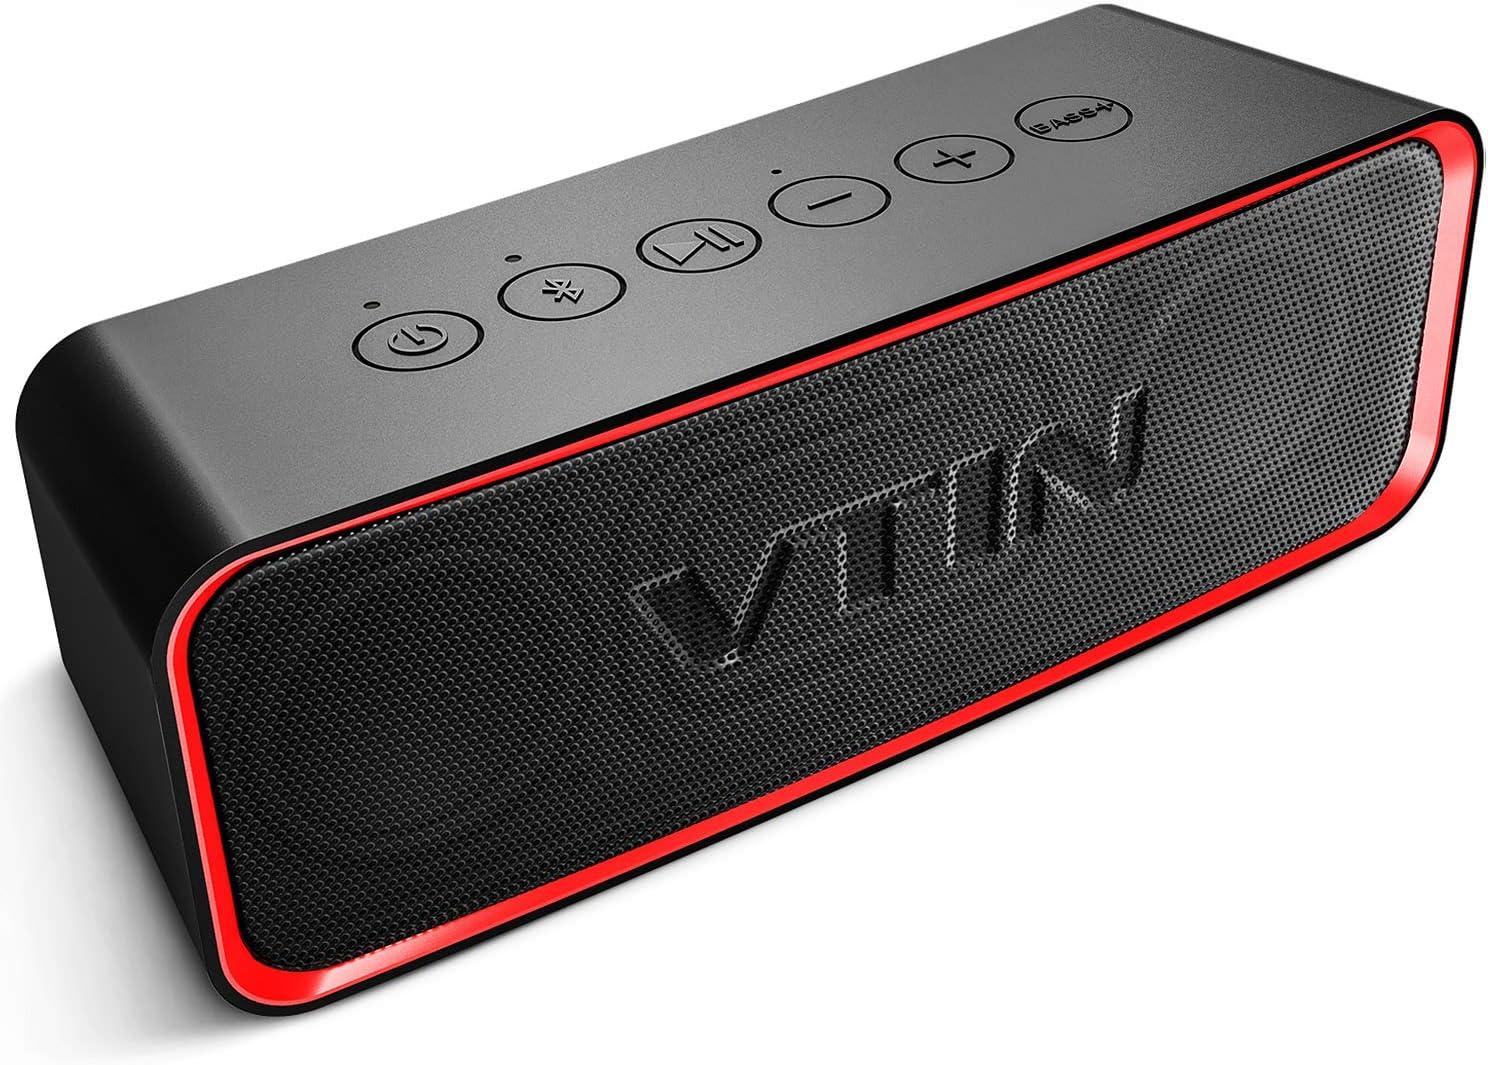 vtin VicTsing Actualizar Altavoz Bluetooth portátil, 24 Horas de duración de la batería y 14W de Potencia, IPX6 a Prueba de Agua, Bass + Exclusivo, Adecuado para Interiores y Exteriores.